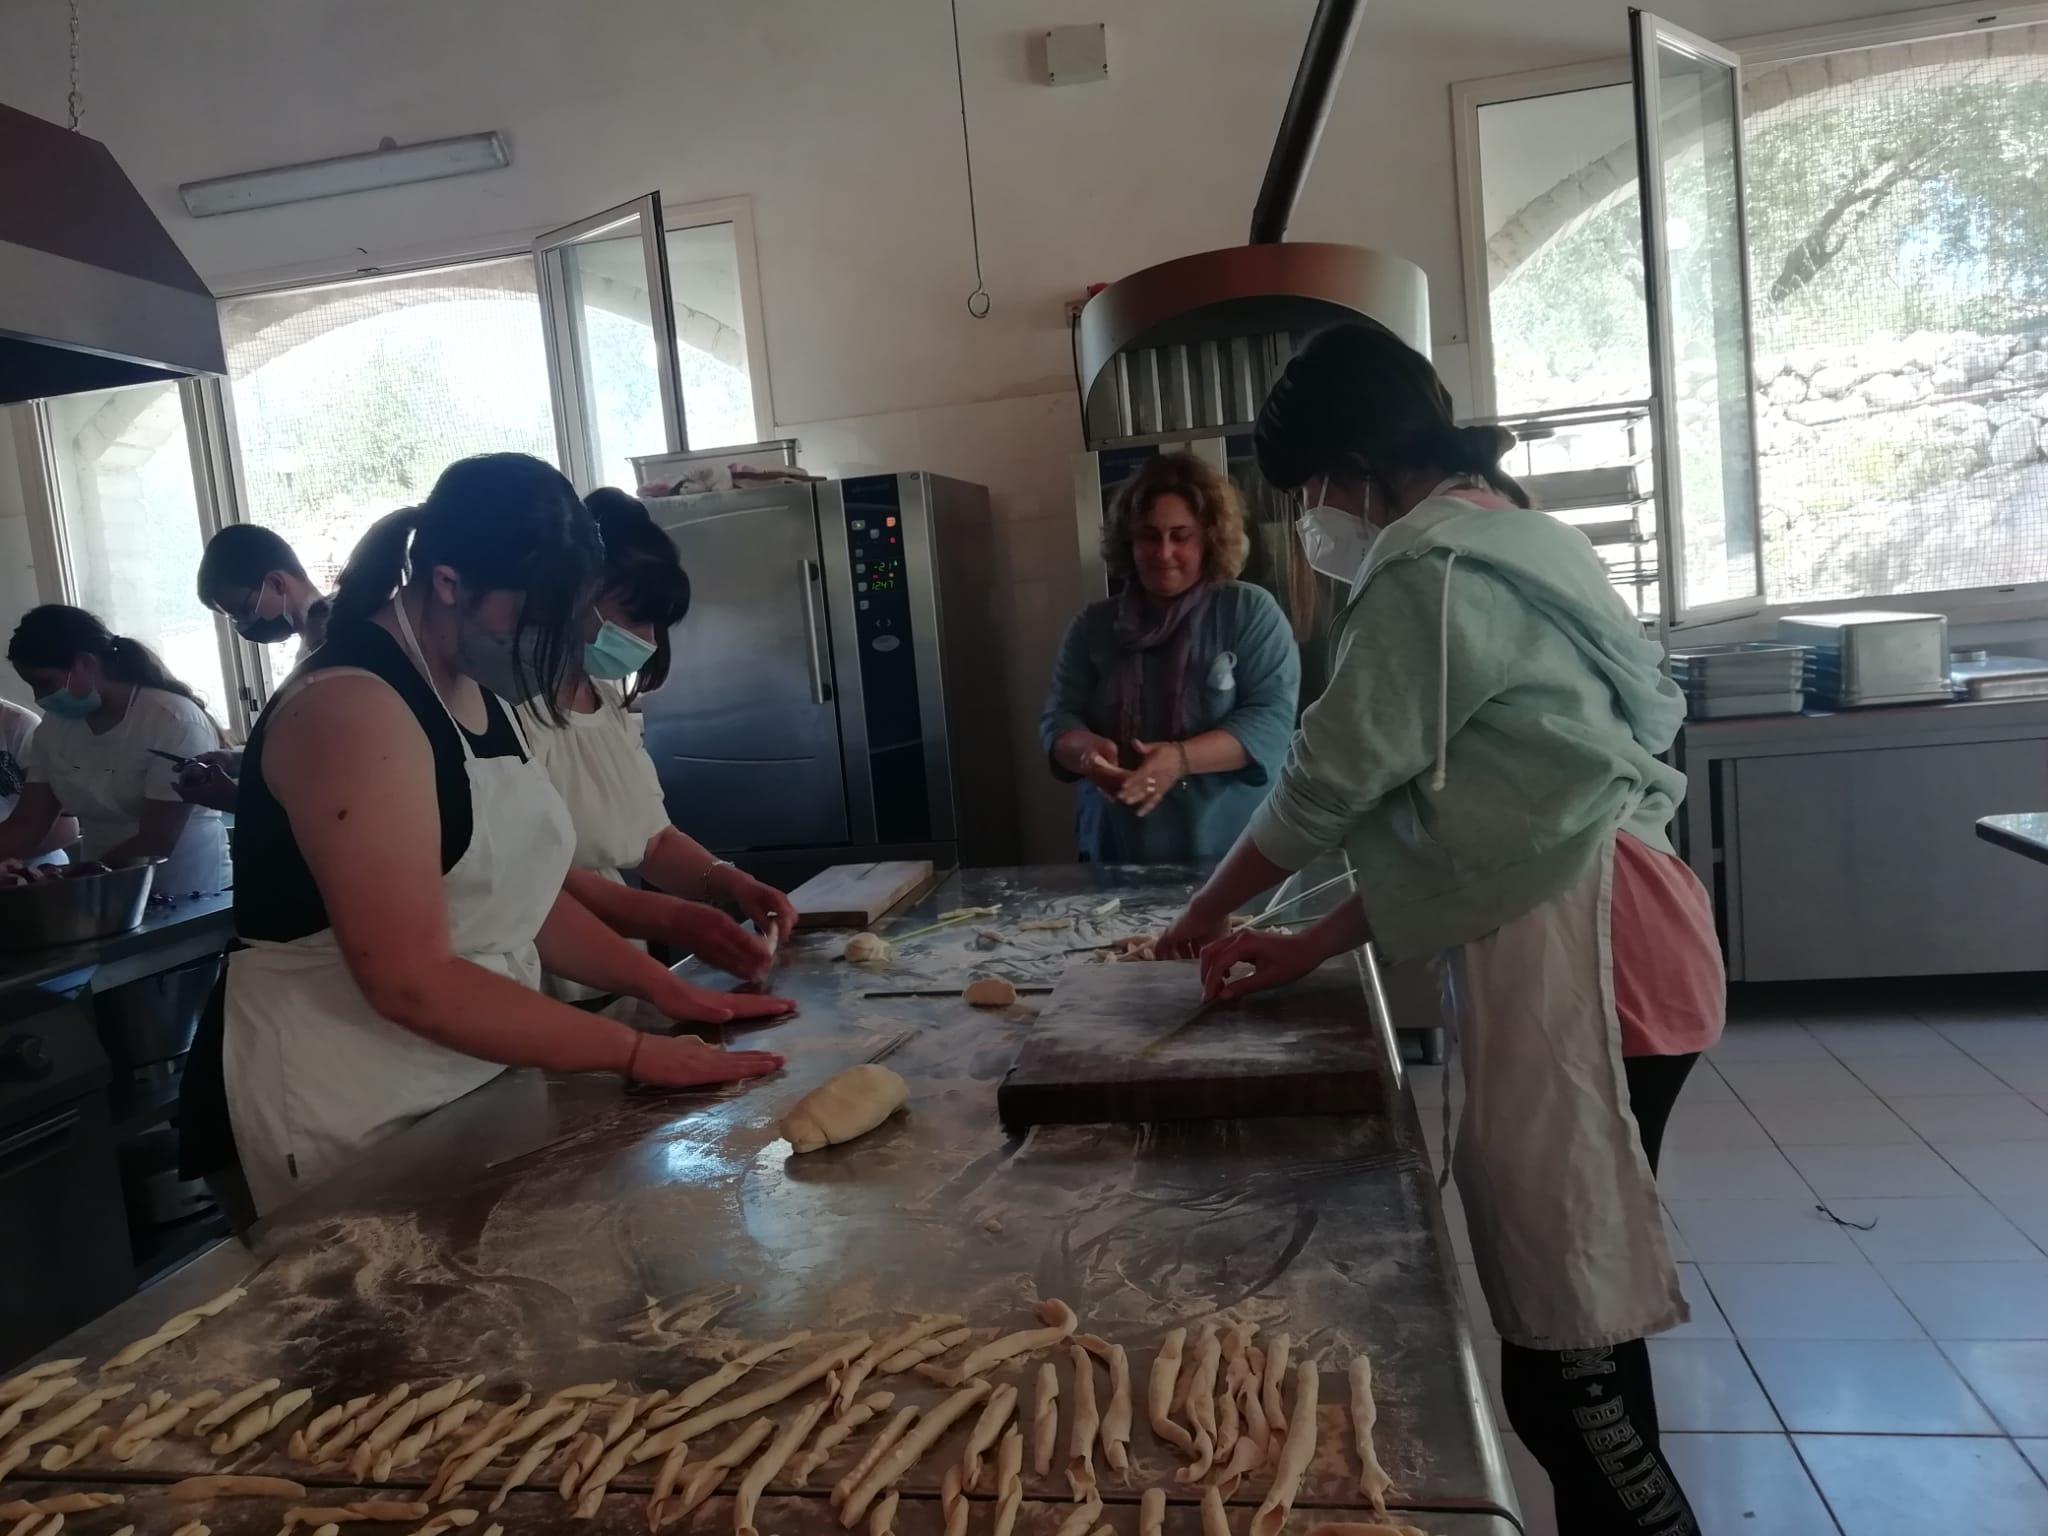 Eat in Europe – Drapia: laboratori enogastronomici per gli alunni della scuola secondaria di Drapia